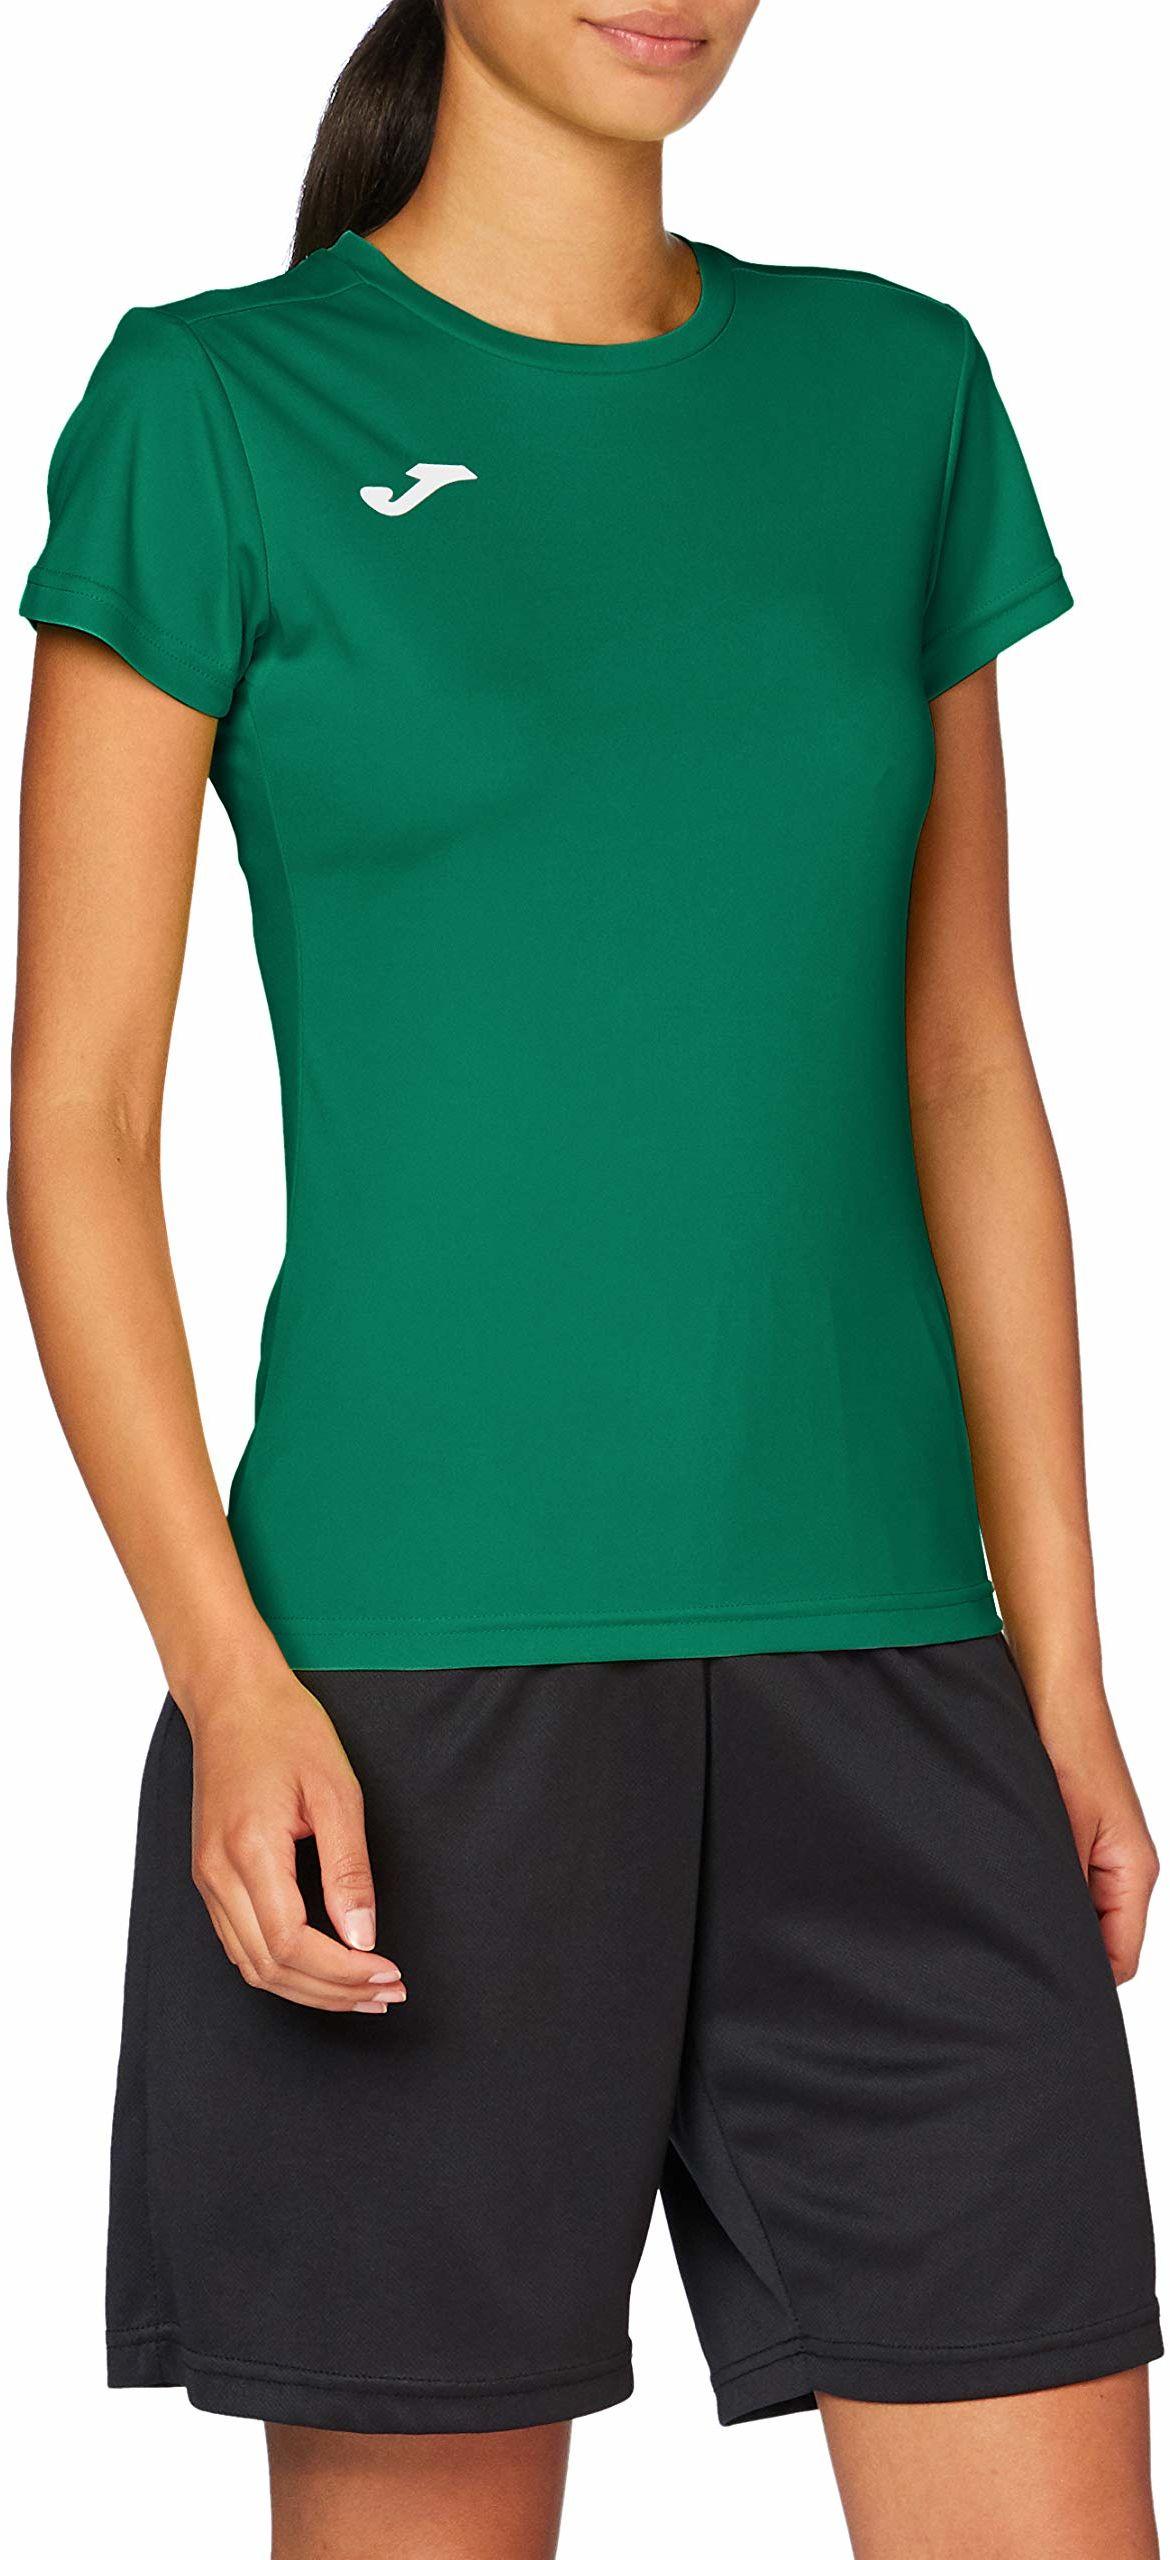 Joma damskie 900248.450 Joma damskie 900248.450 t-shirty damskie - zielone/zielone, 2 x małe Green/Green XL